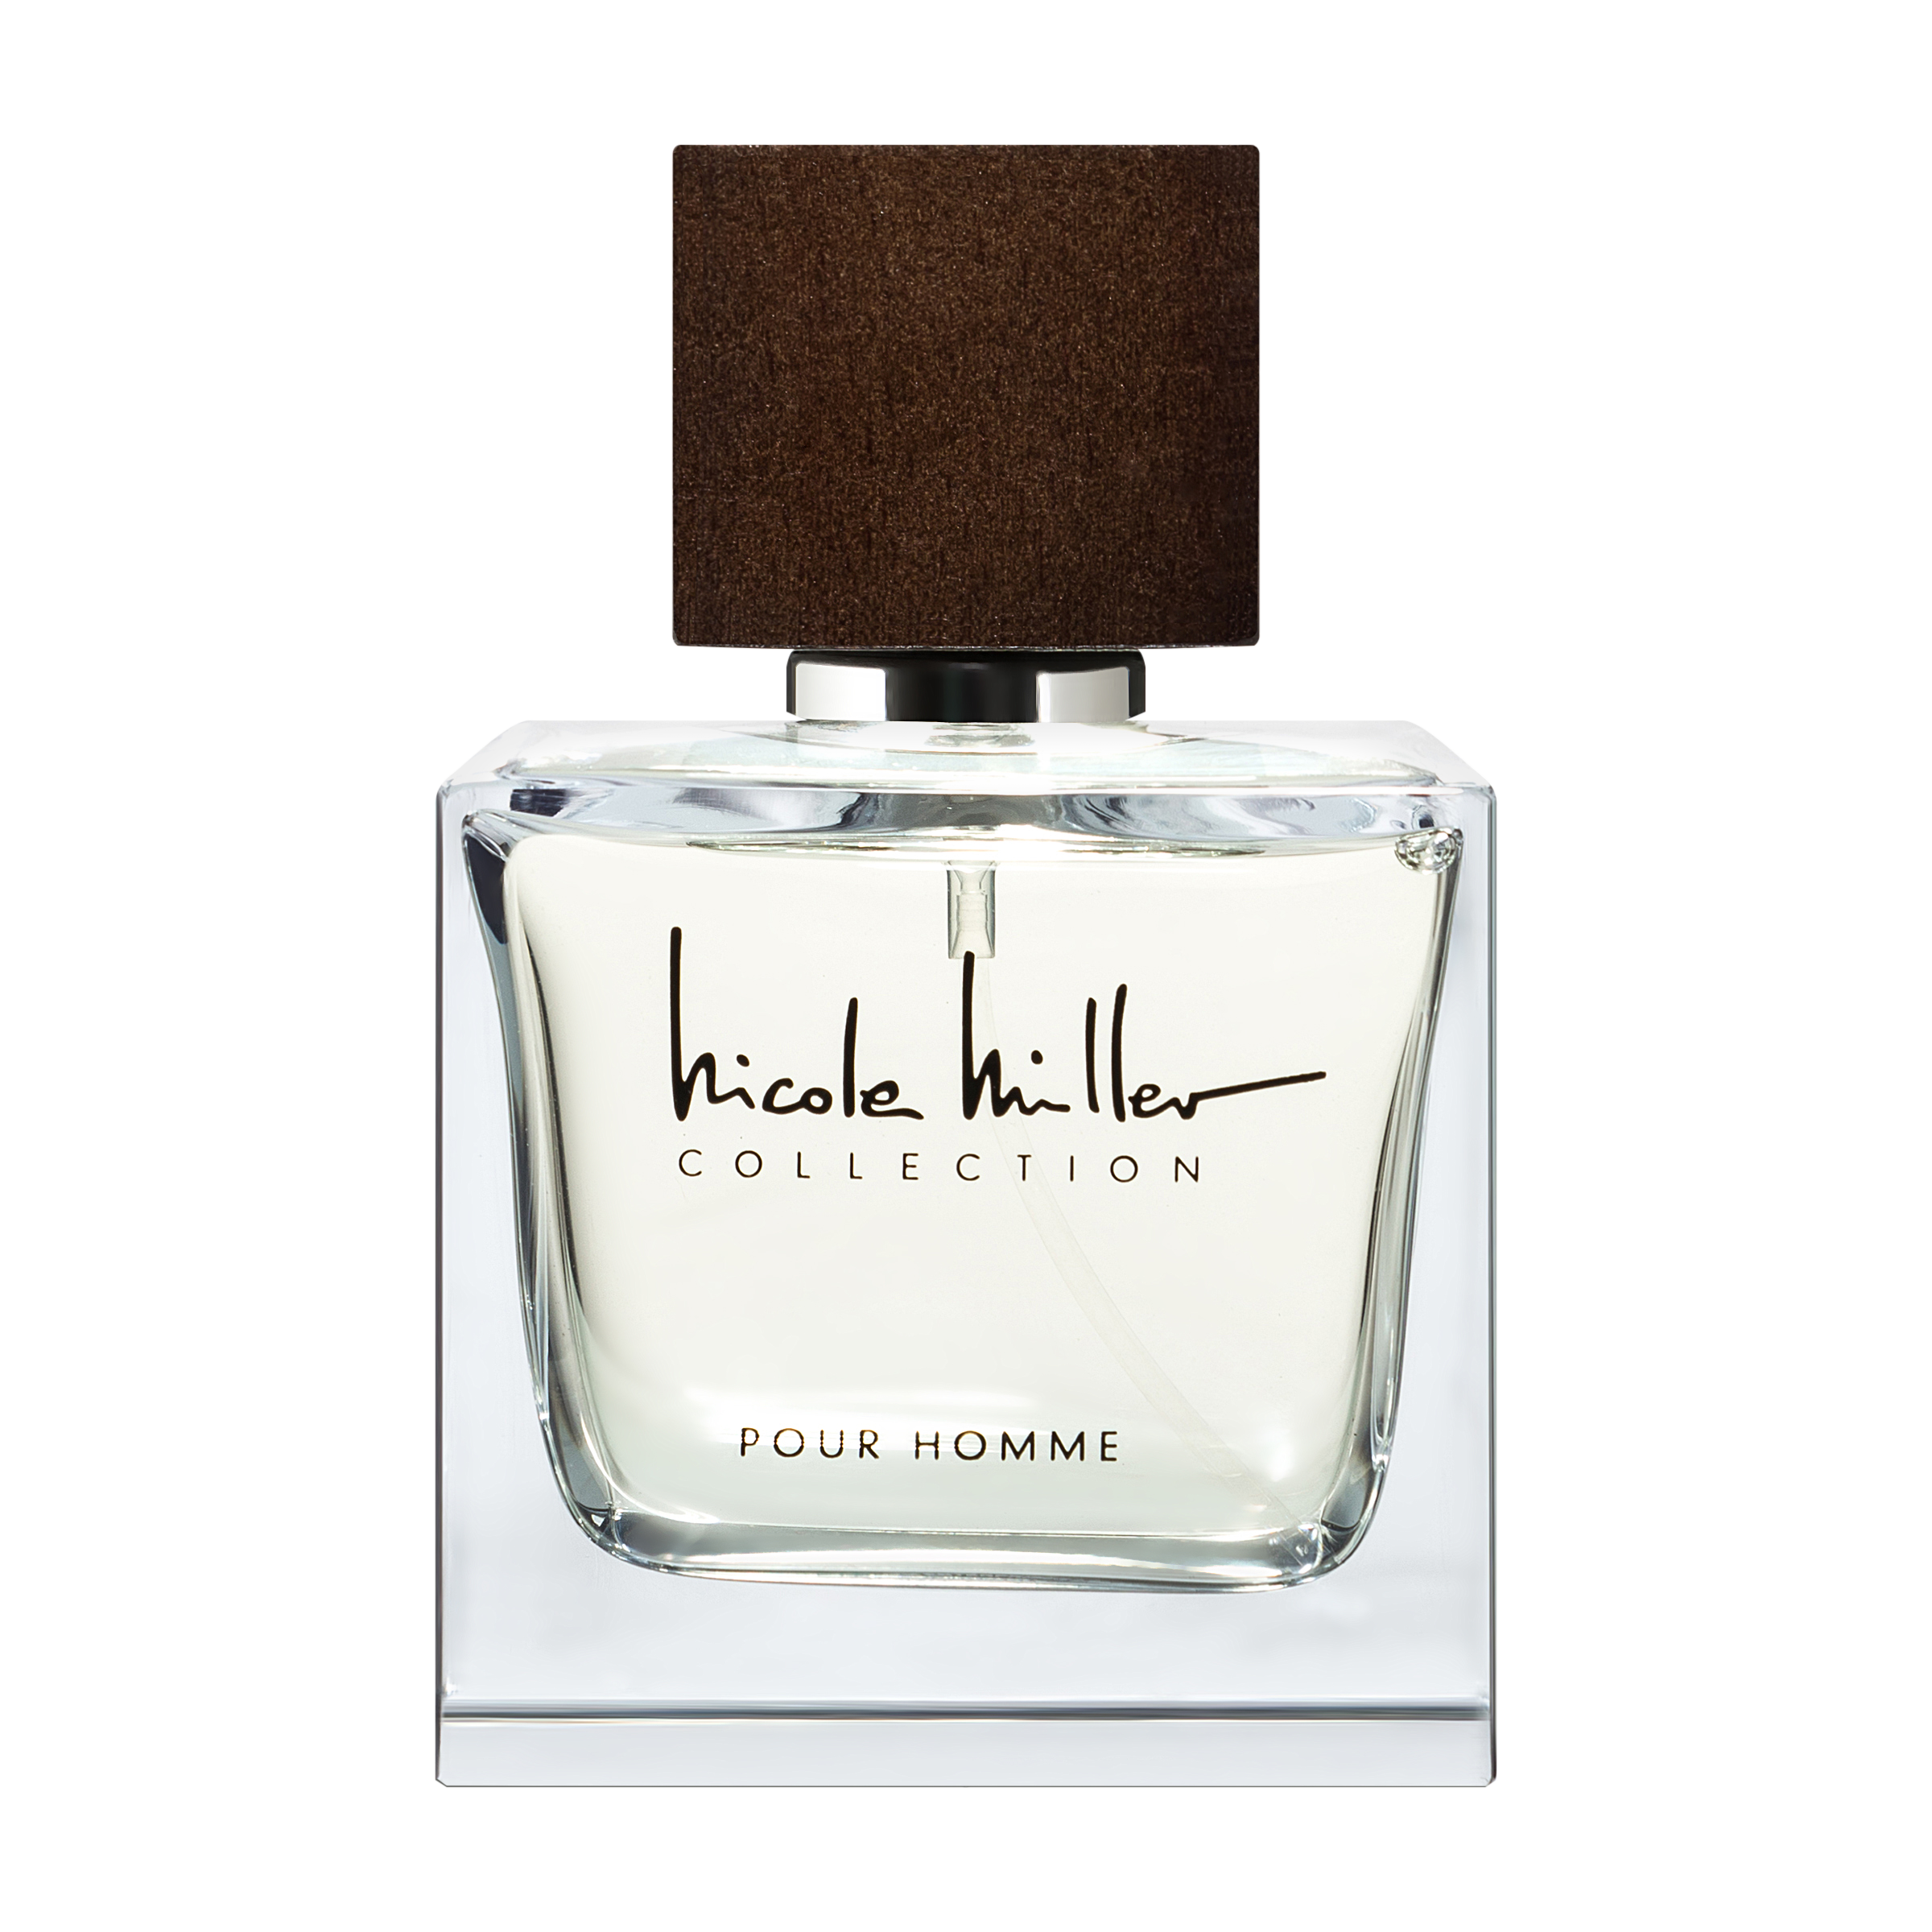 perfume bottle product photo